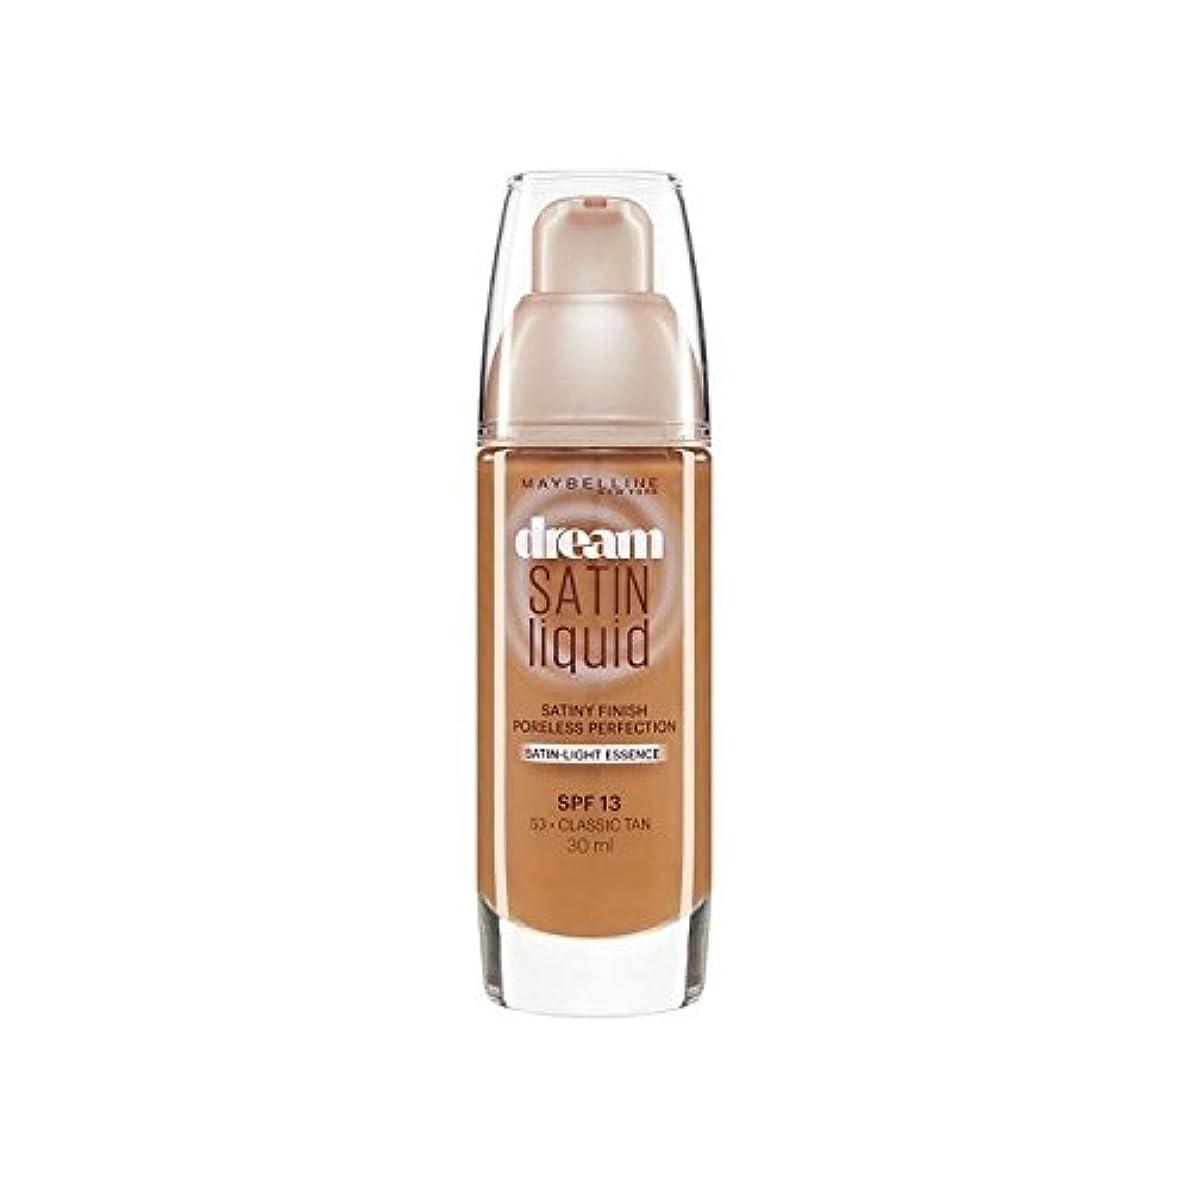 シンポジウム貫通火星Maybelline Dream Satin Liquid Foundation 53 Classic Tan 30ml (Pack of 6) - メイベリン夢サテンリキッドファンデーション53古典的な日焼け30ミリリットル x6 [並行輸入品]